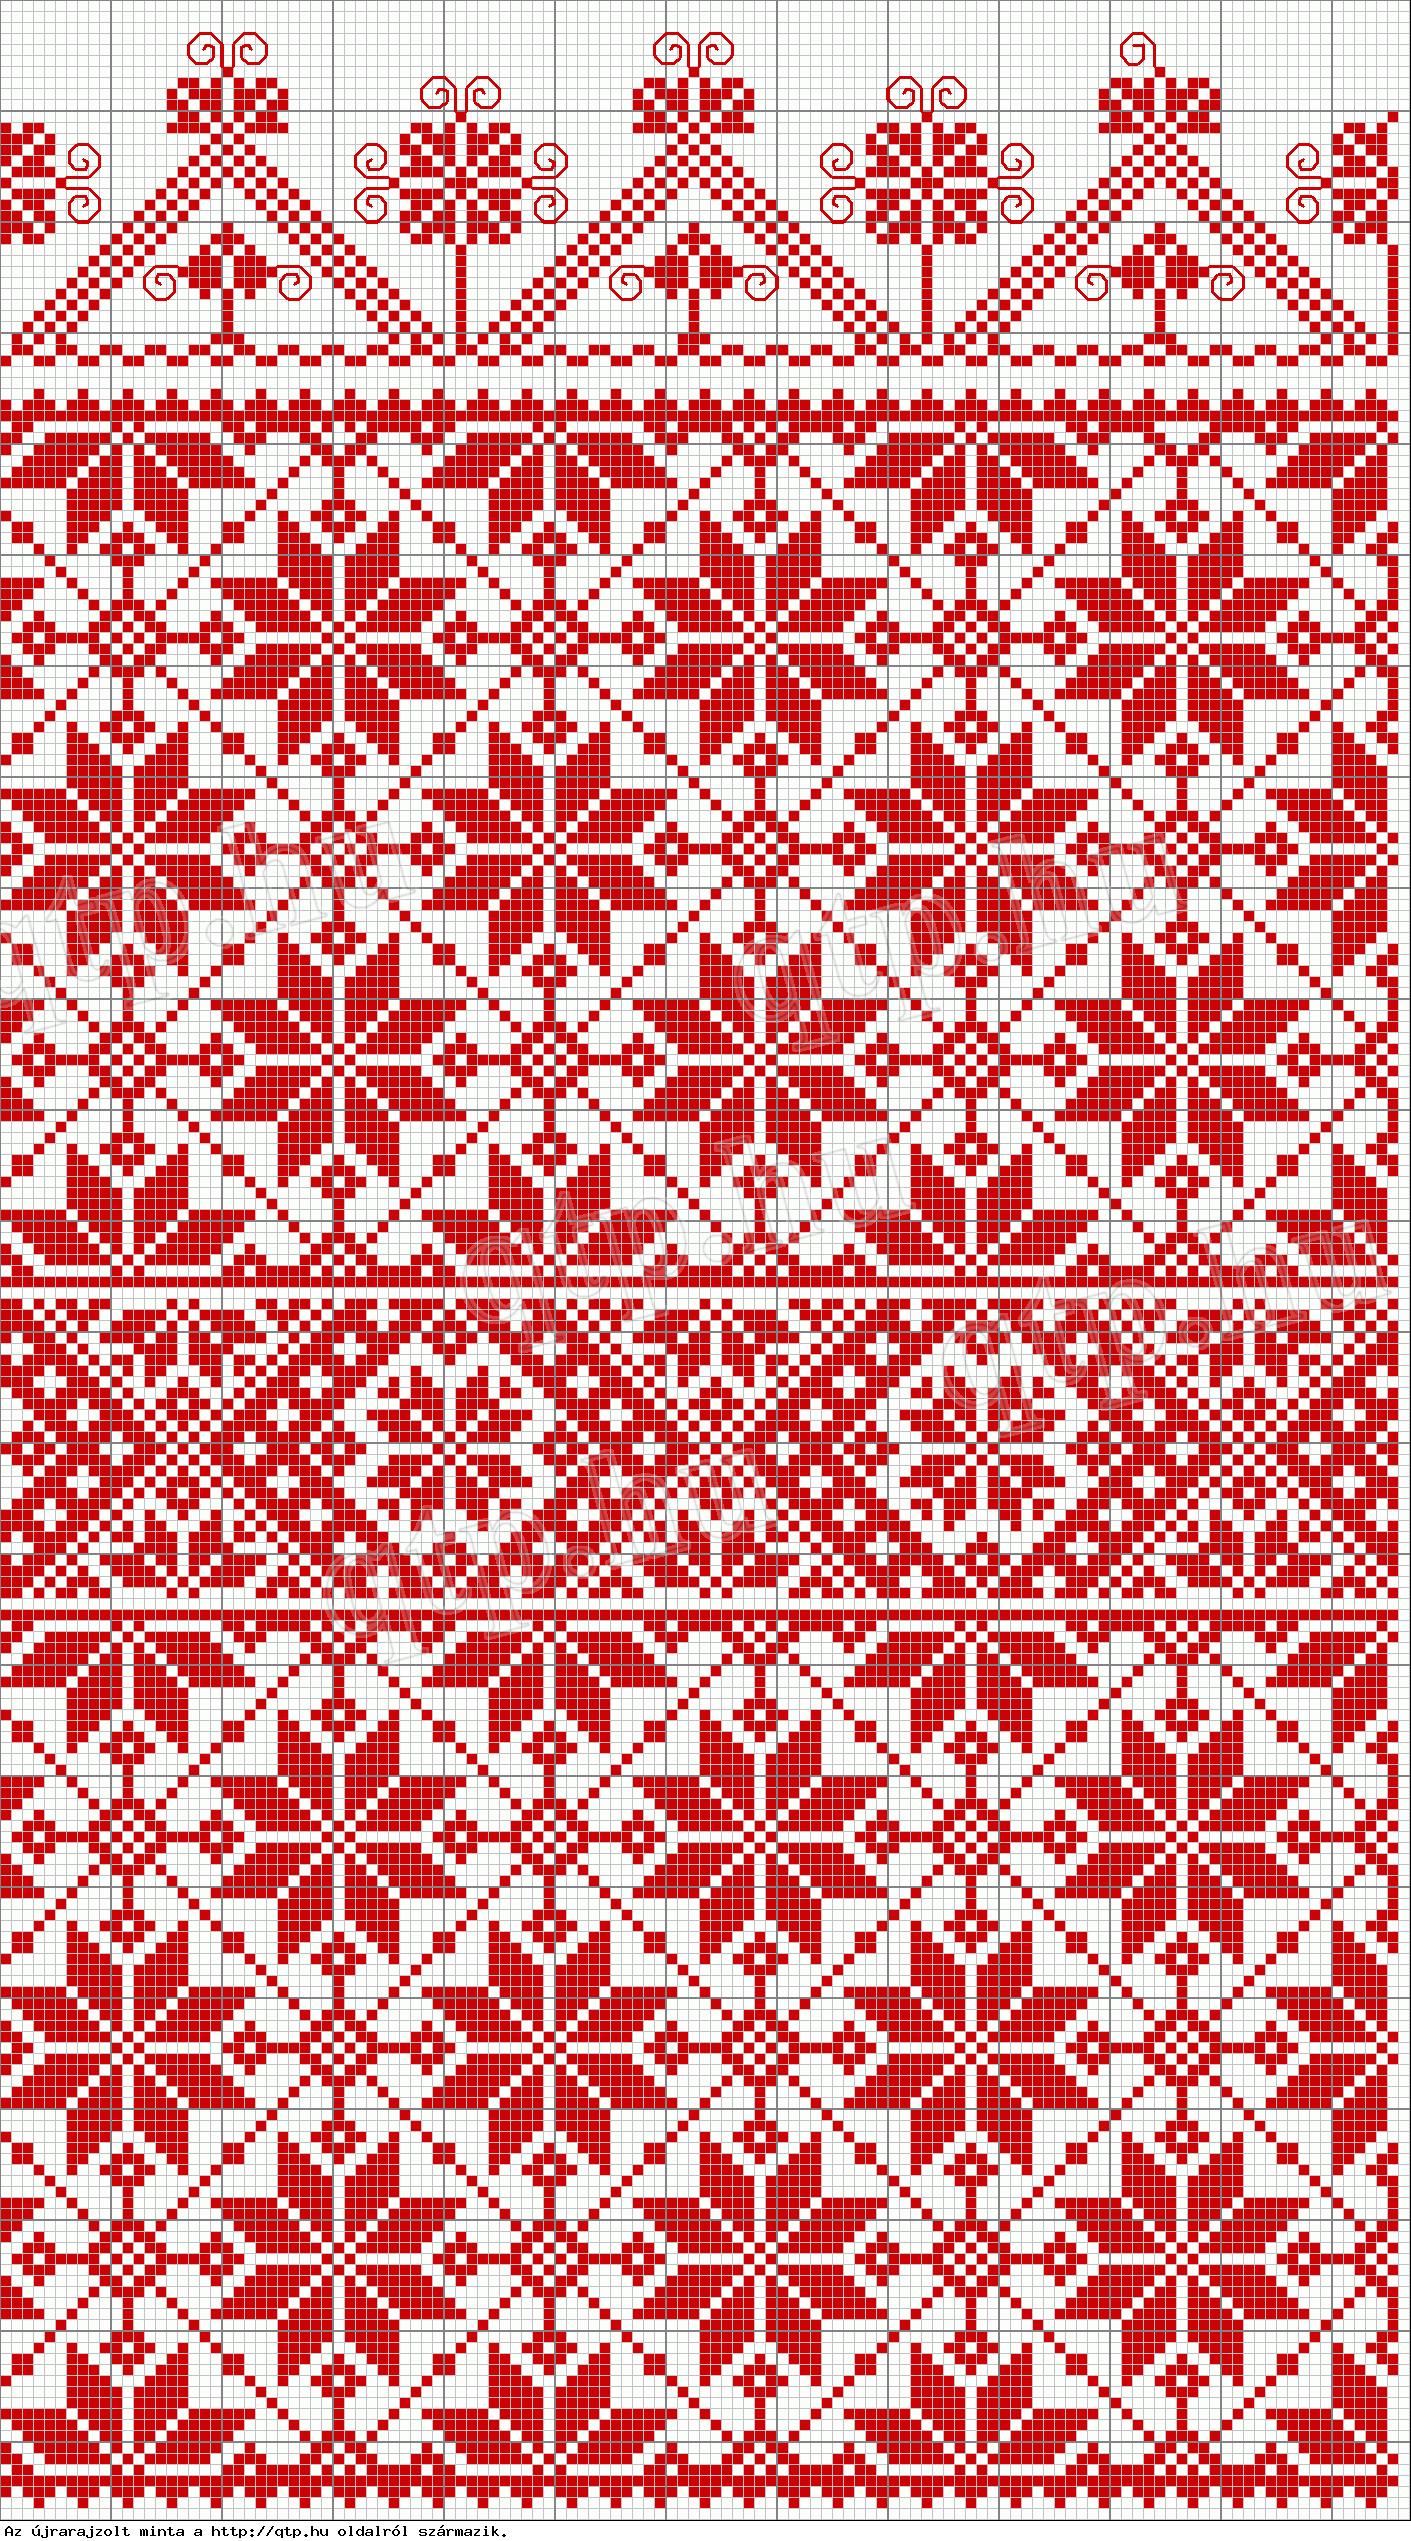 Rábaközi hímzések blanket idea free knit chart fair isle | Knitting ...